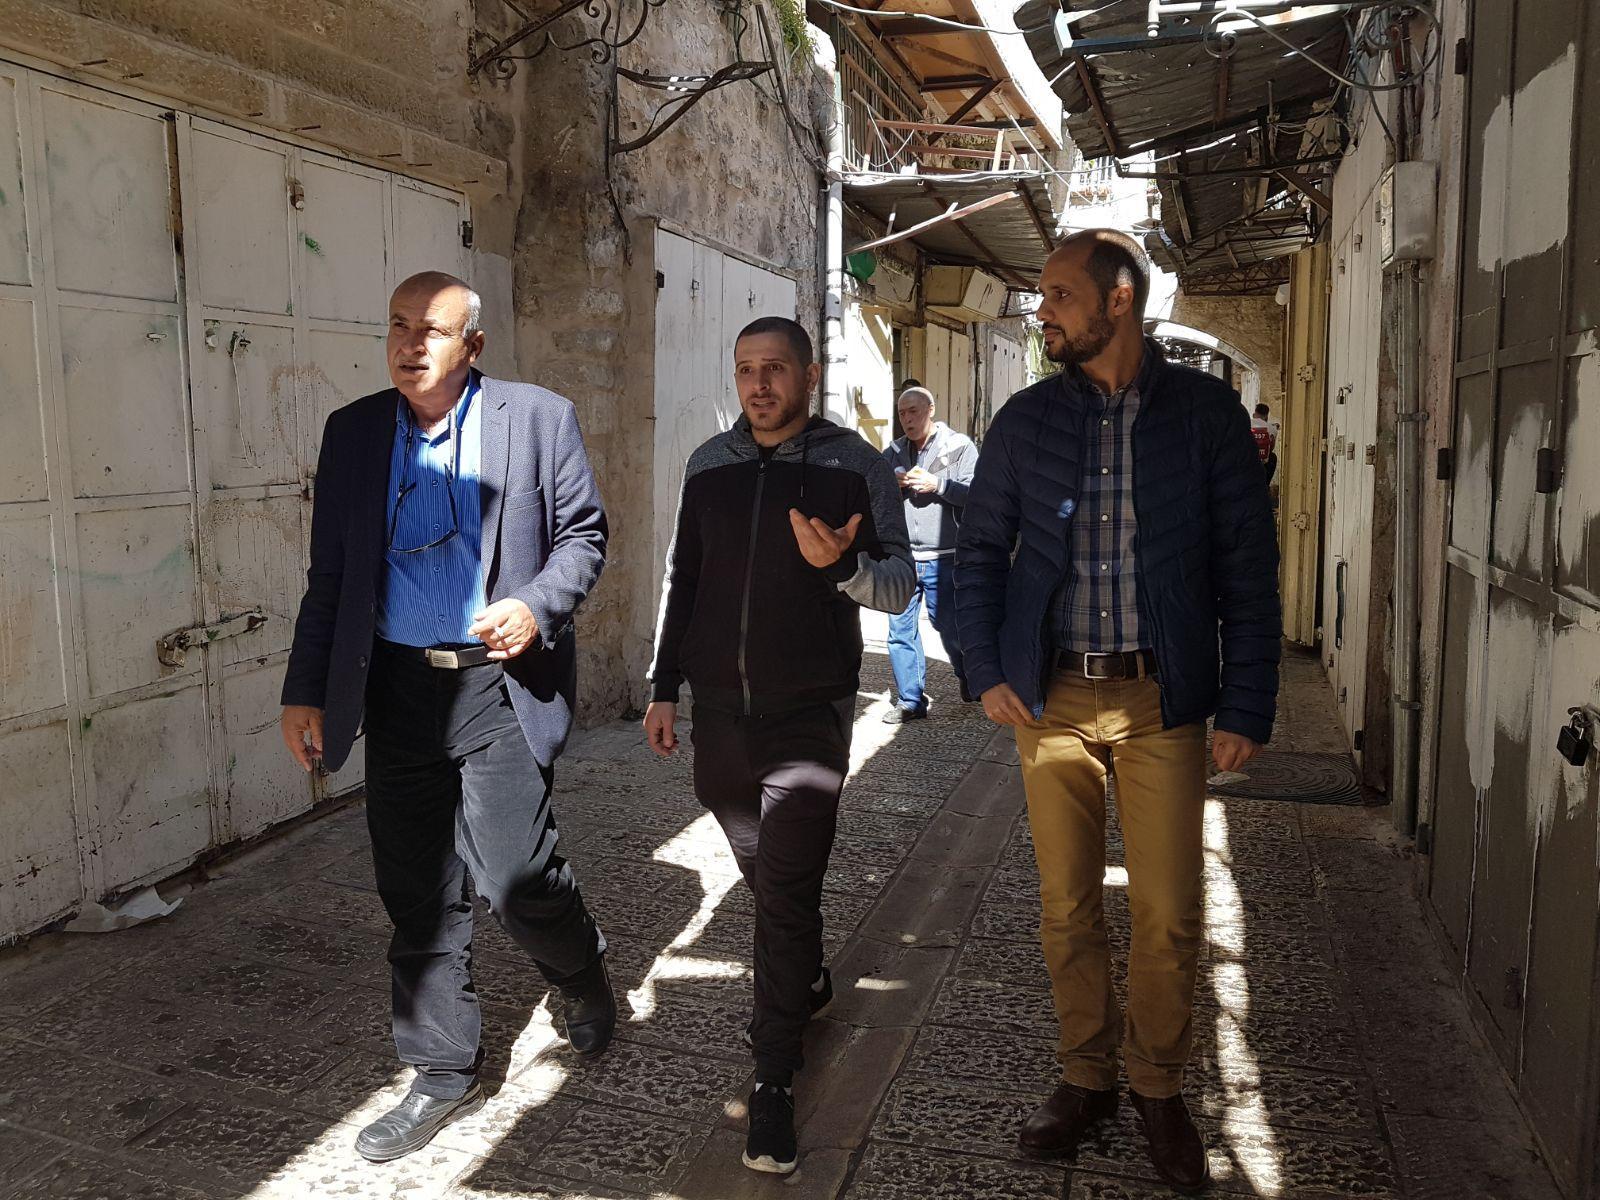 القدس: تجار باب حطة يتعرضون للملاحقة والمضايقات الاحتلالية